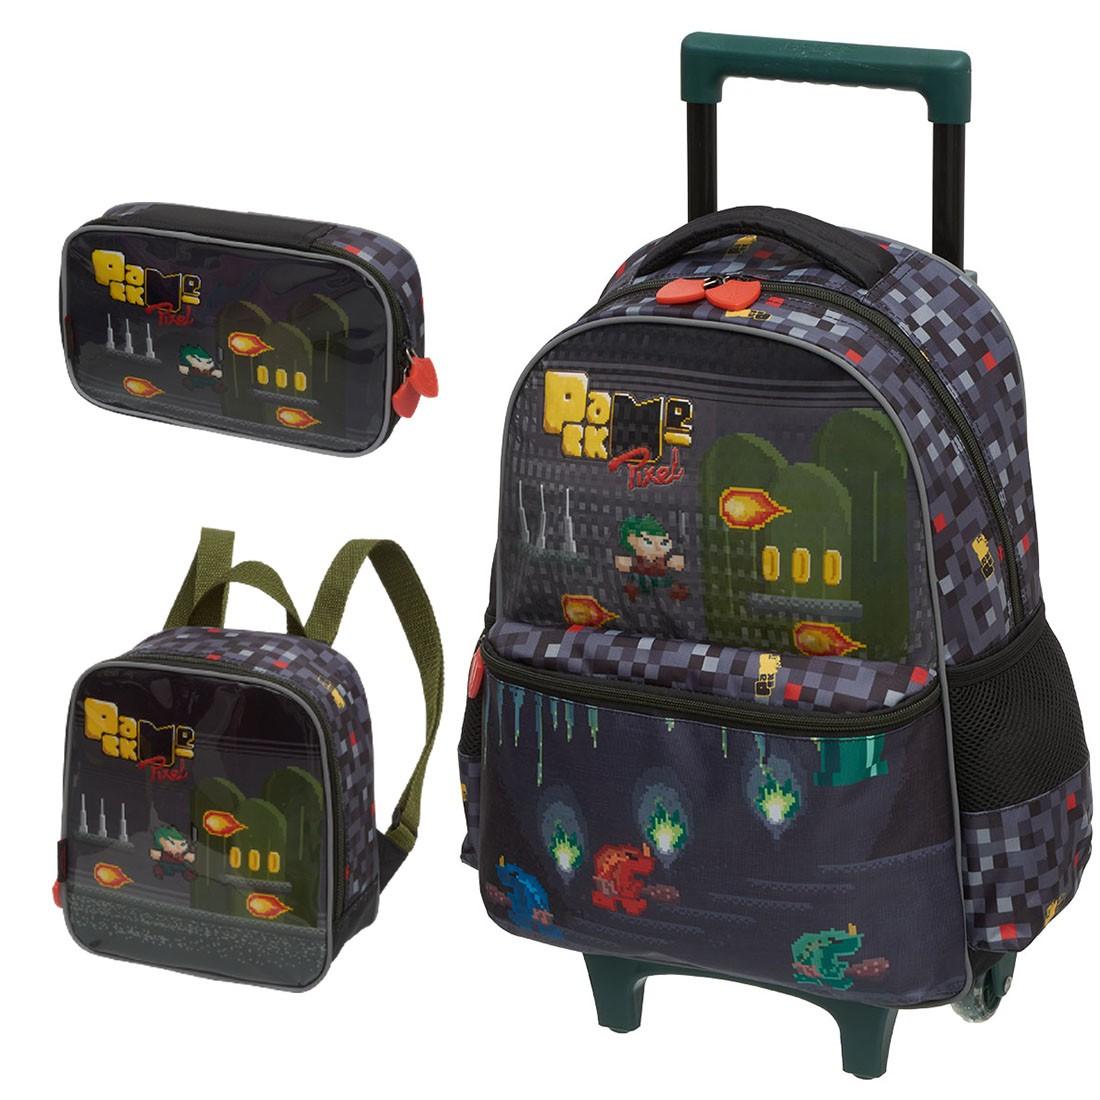 Kit Mochila Infantil com Rodinhas Pack Me Pixel com Lancheira e Estojo 100 Pens